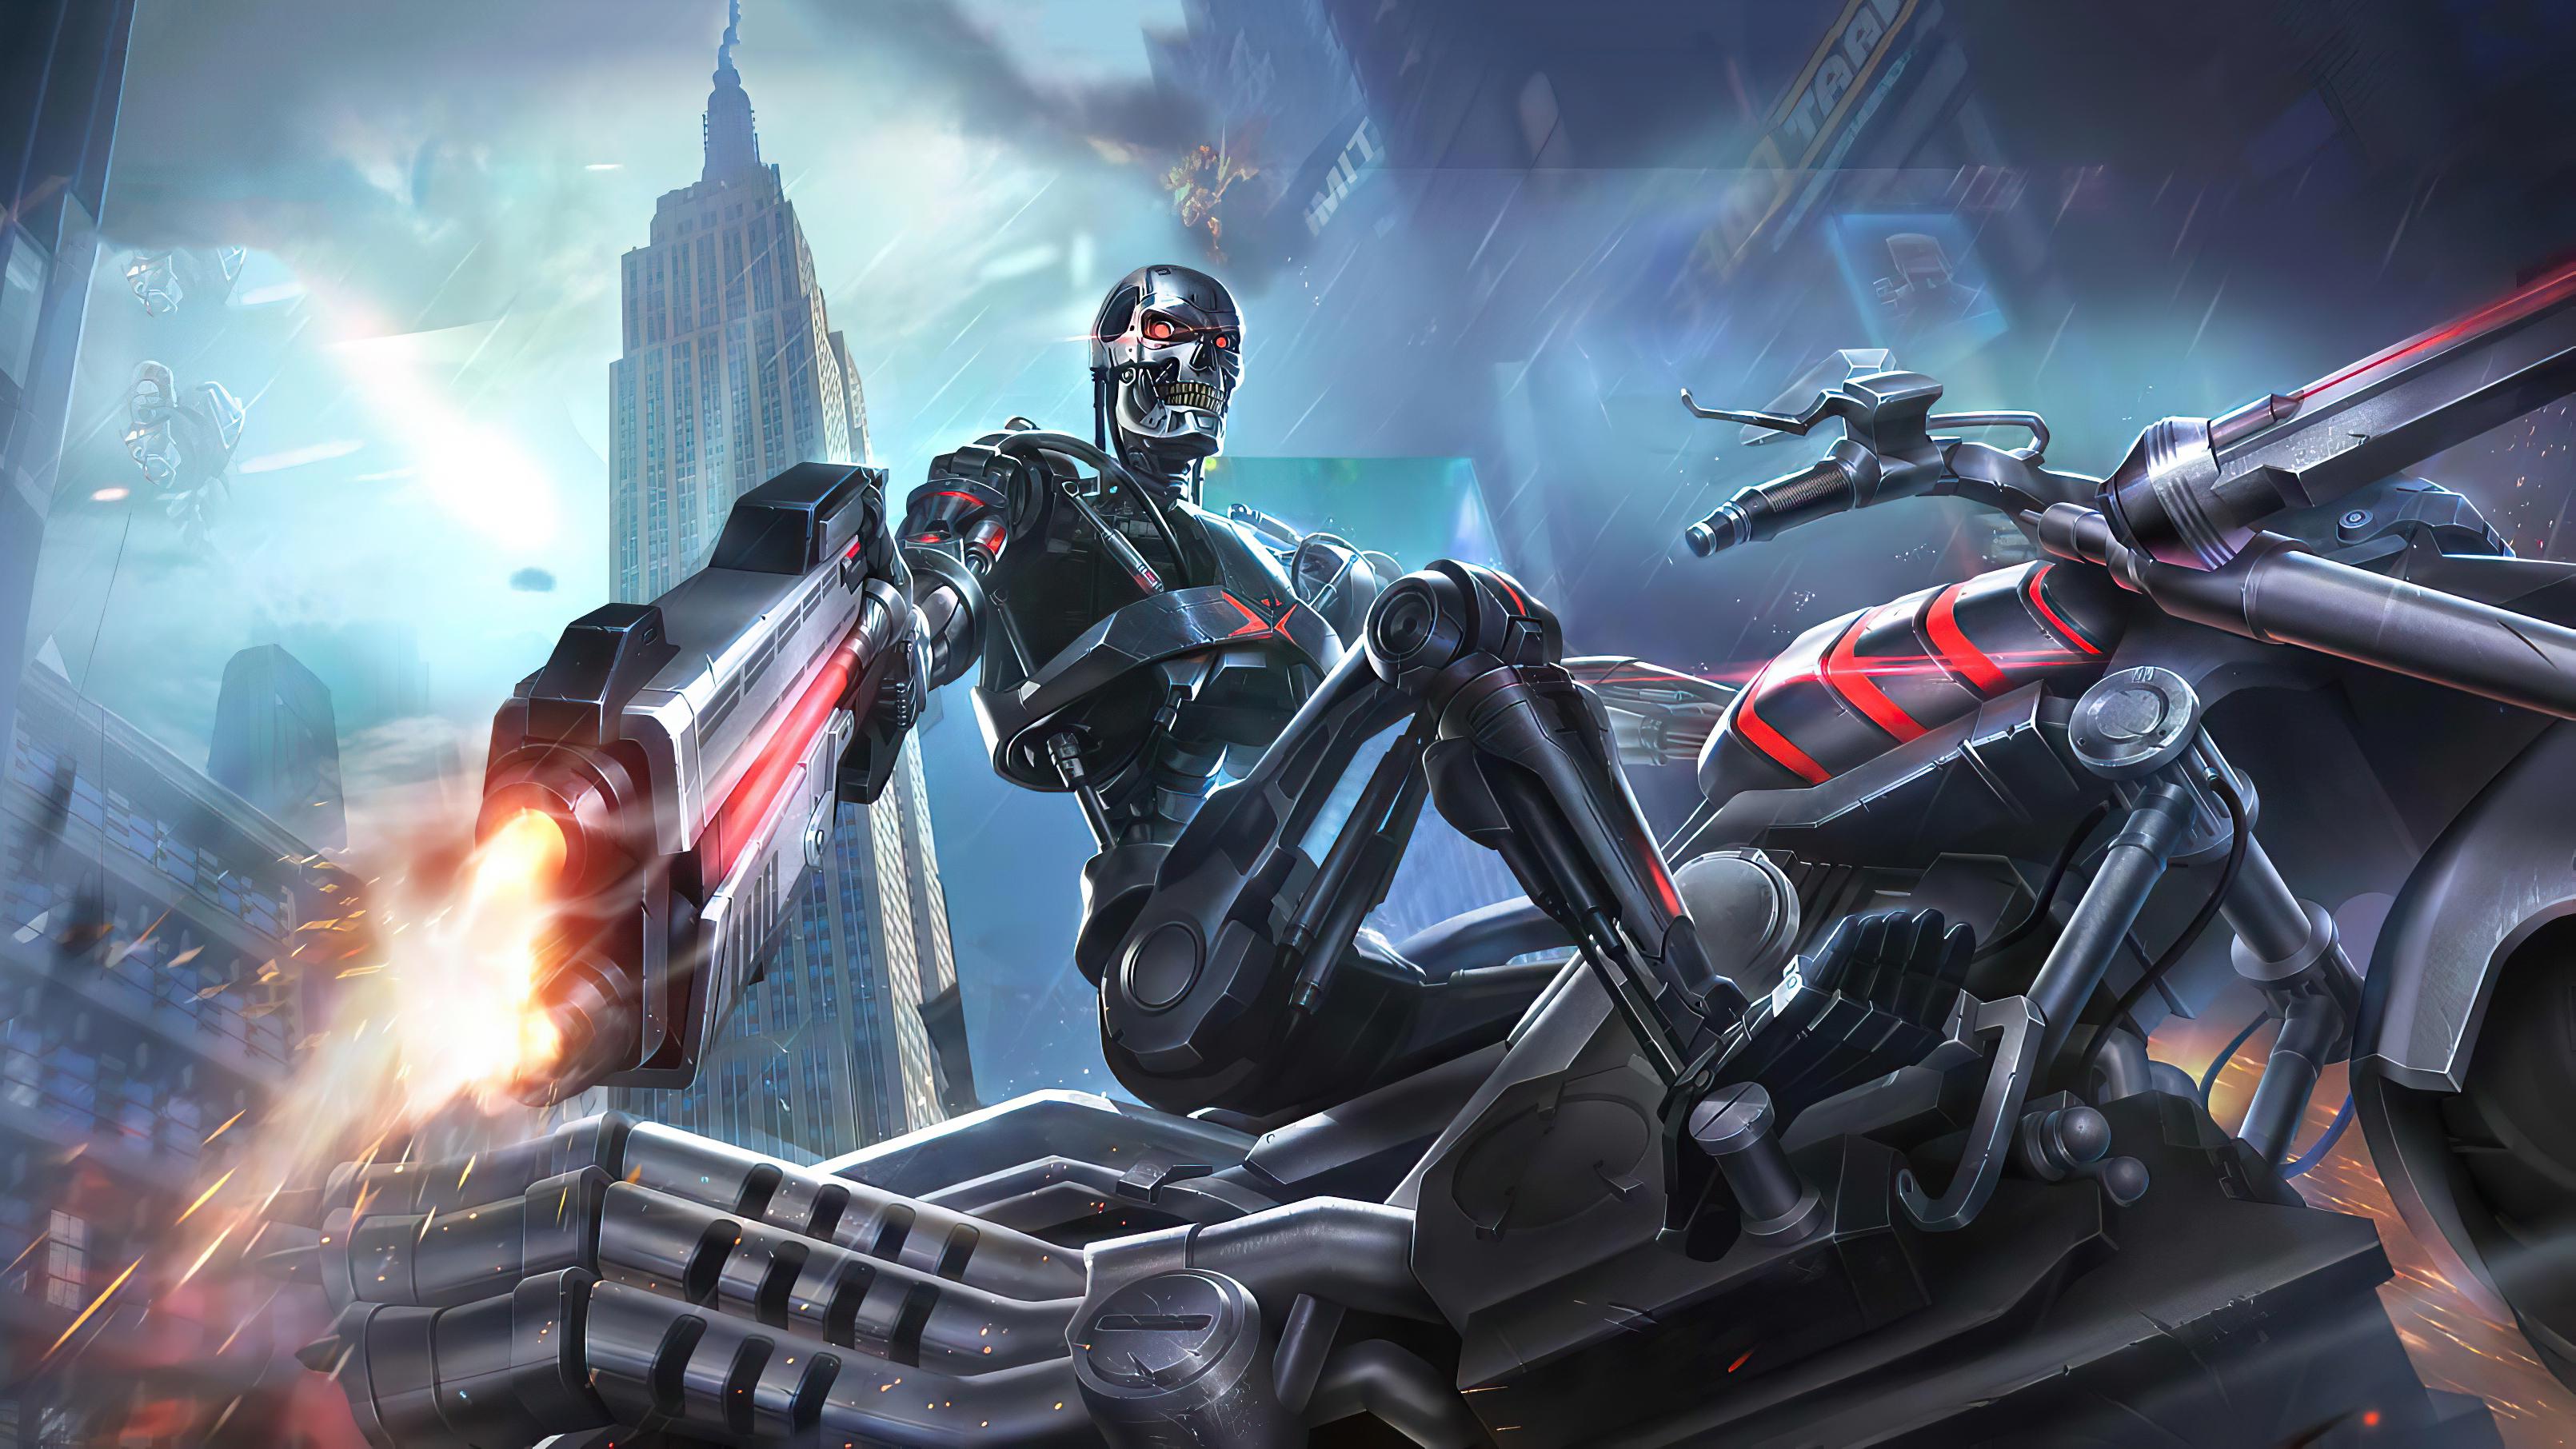 Fondos de pantalla Terminator Garena Contra Returns